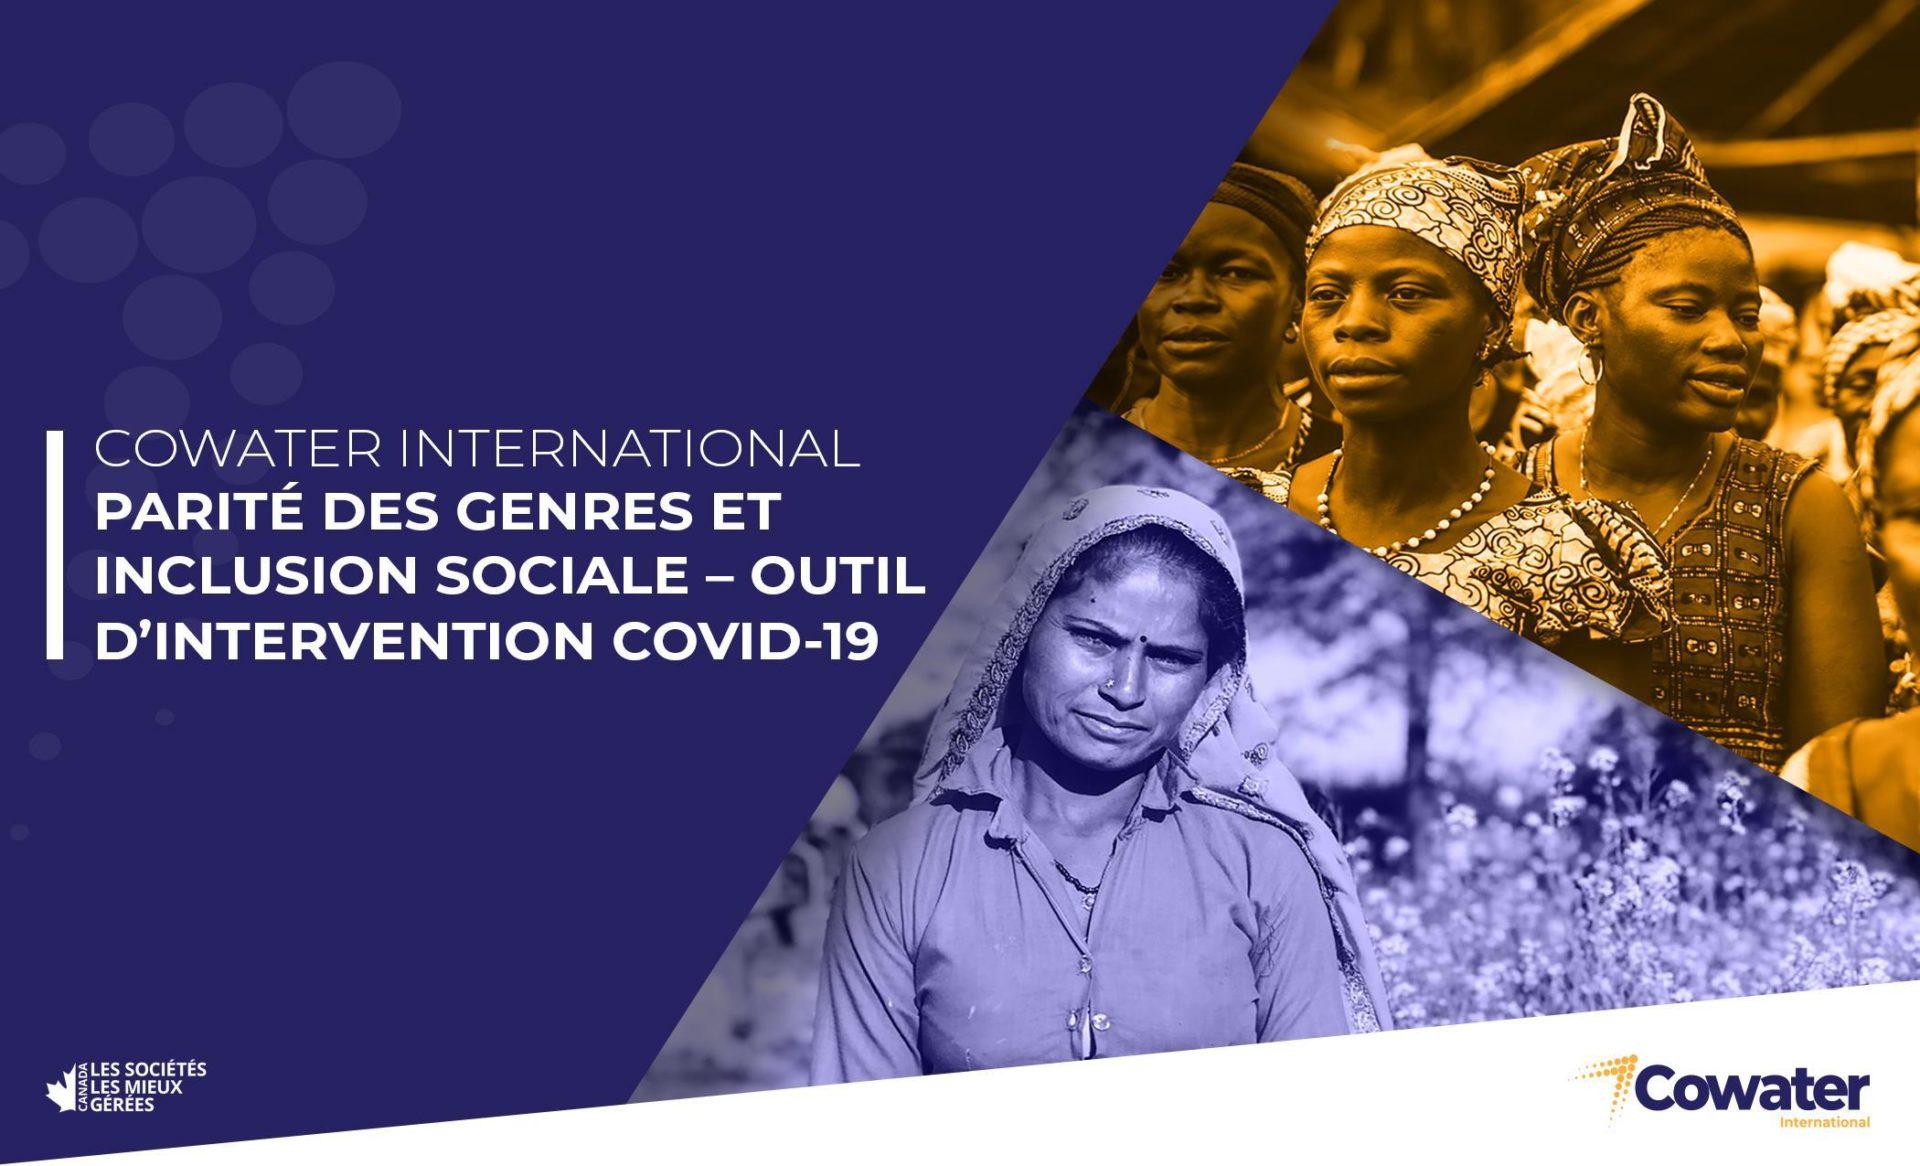 Parité des genres et inclusion social-outil d'intervention Covid-19